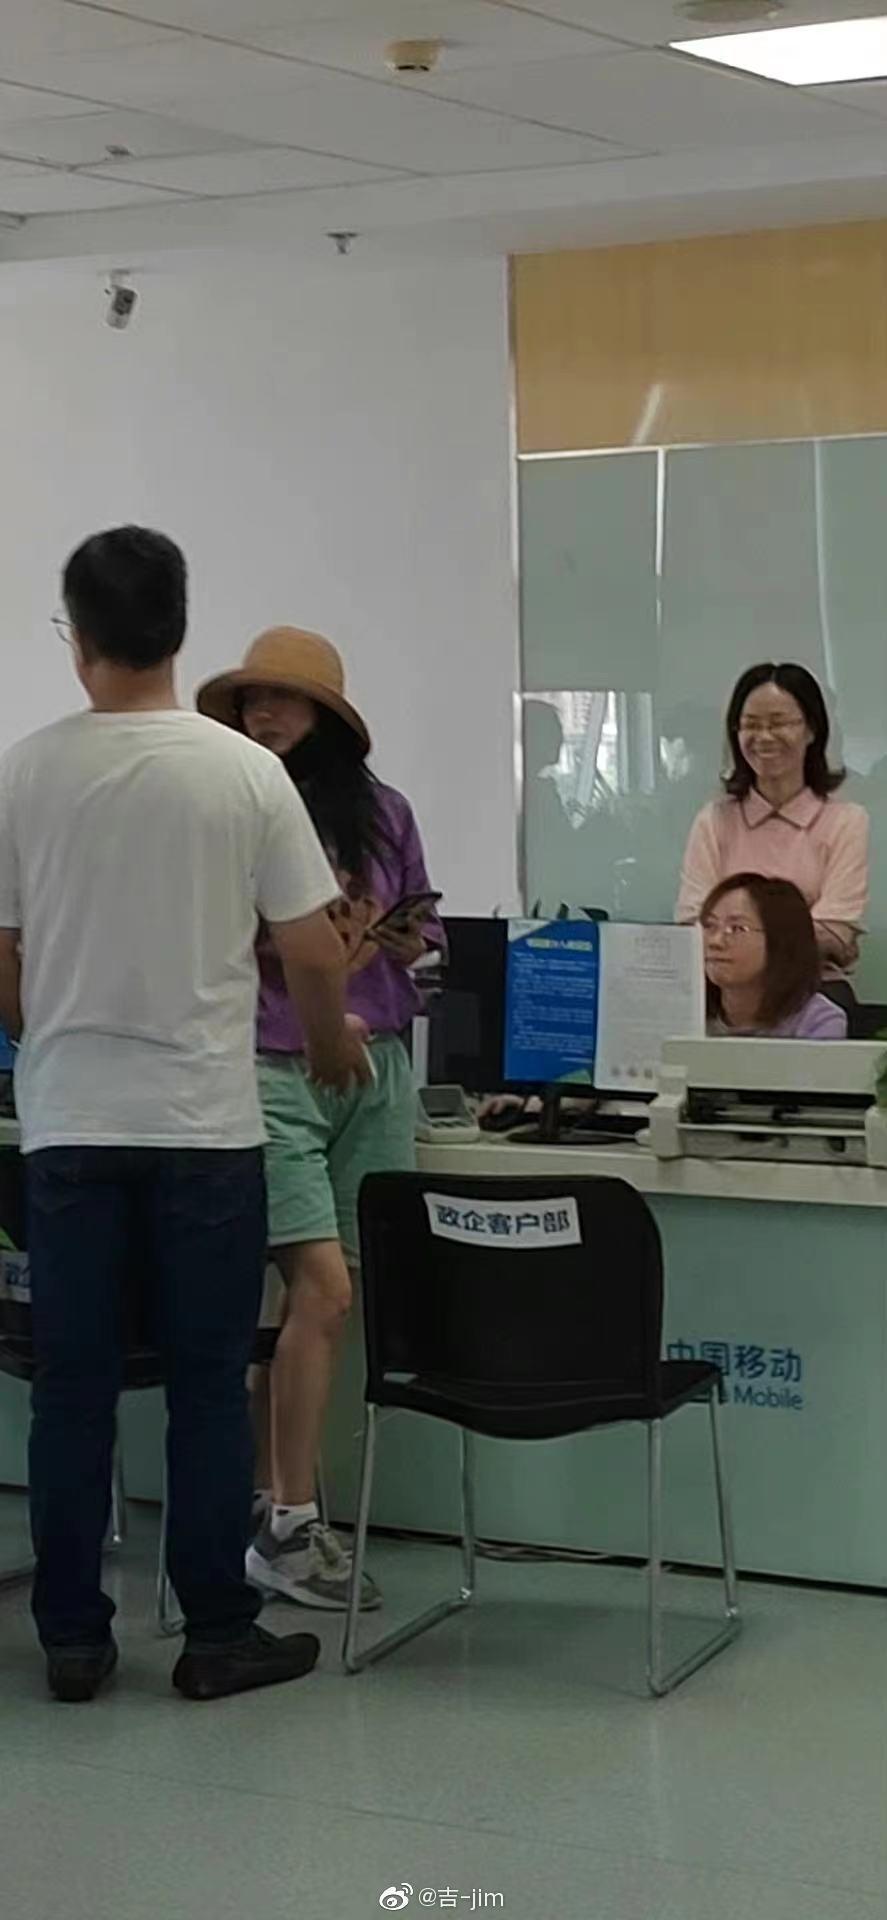 趙薇出現在老家的近照。 圖/擷自微博